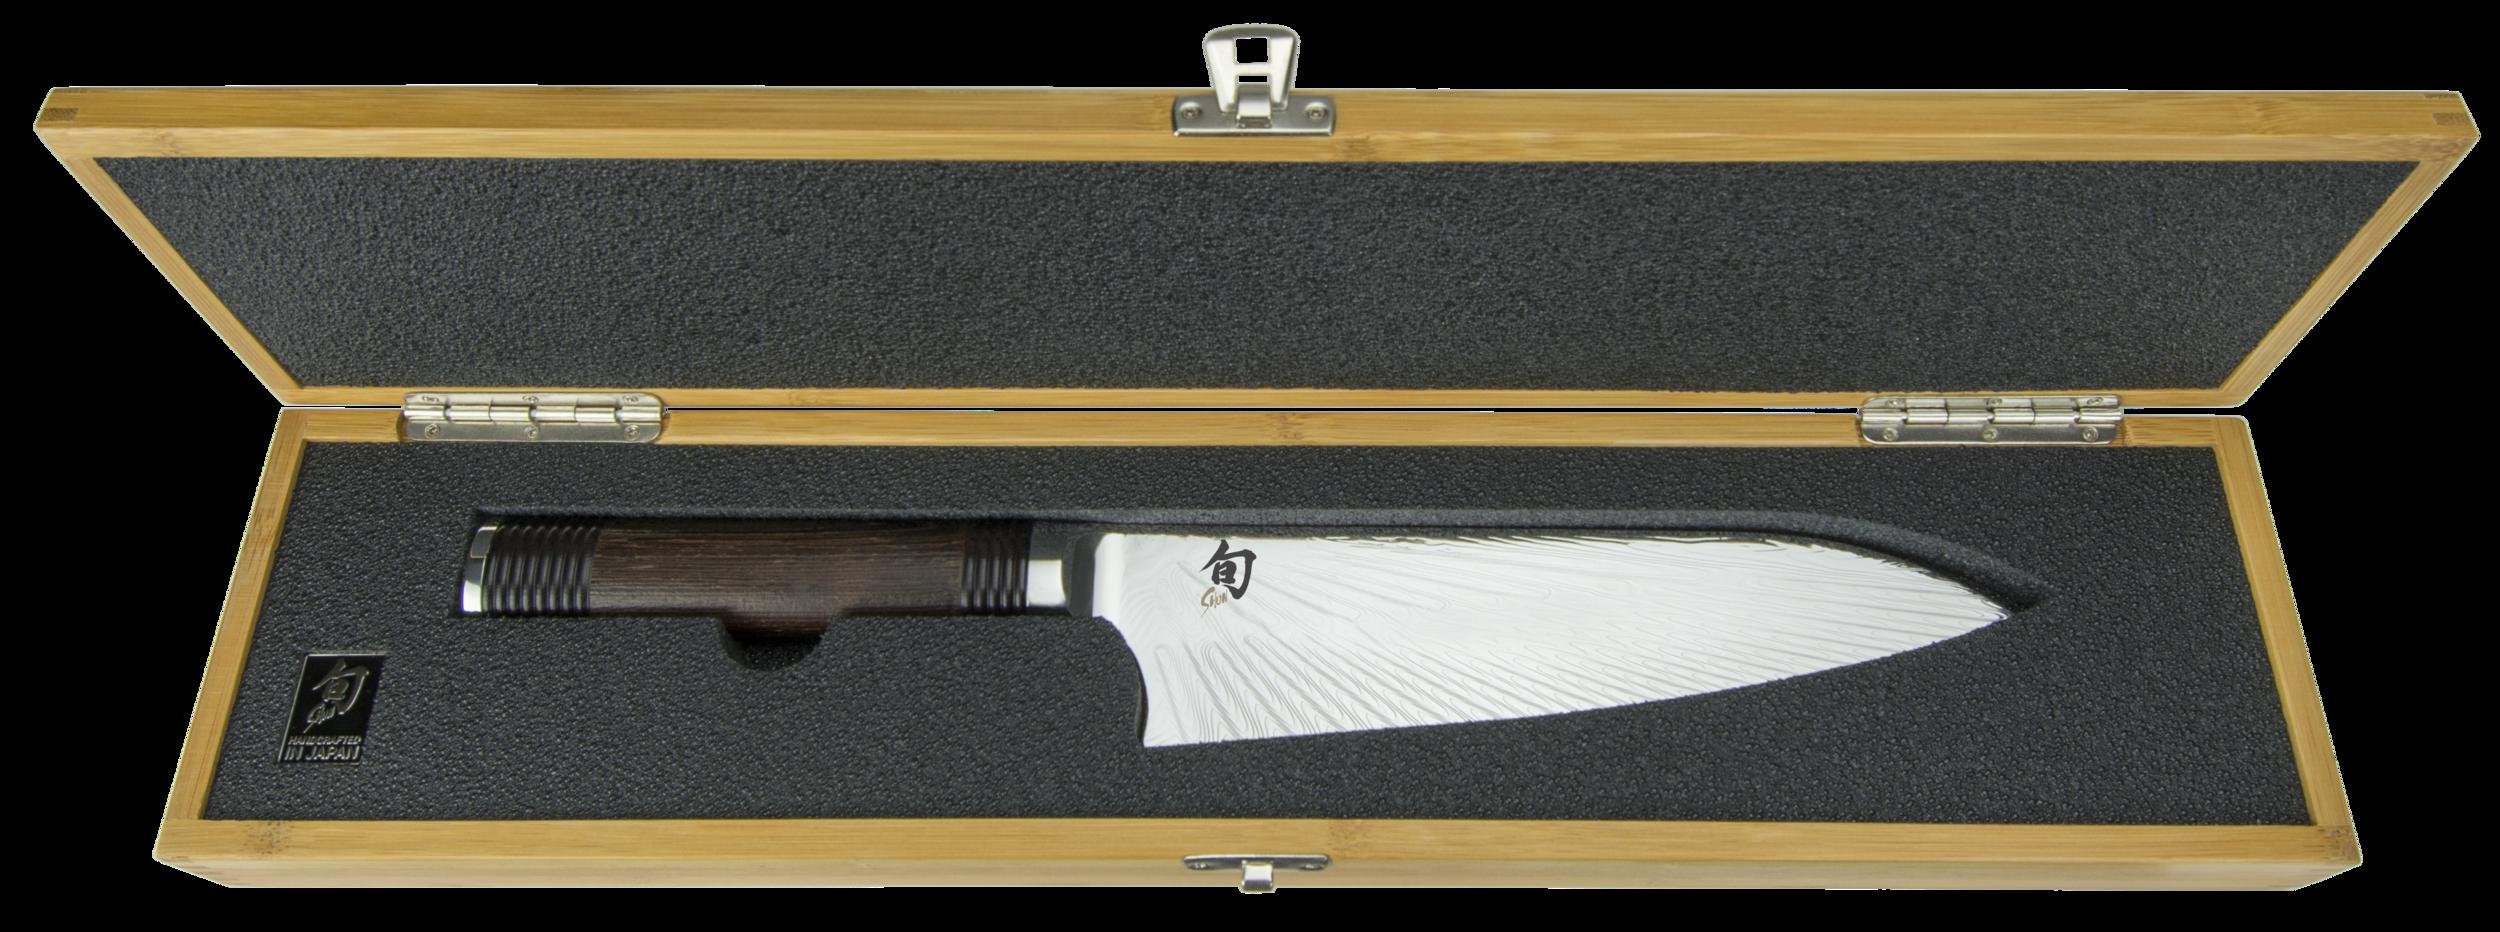 Shun Hana Chef Knife